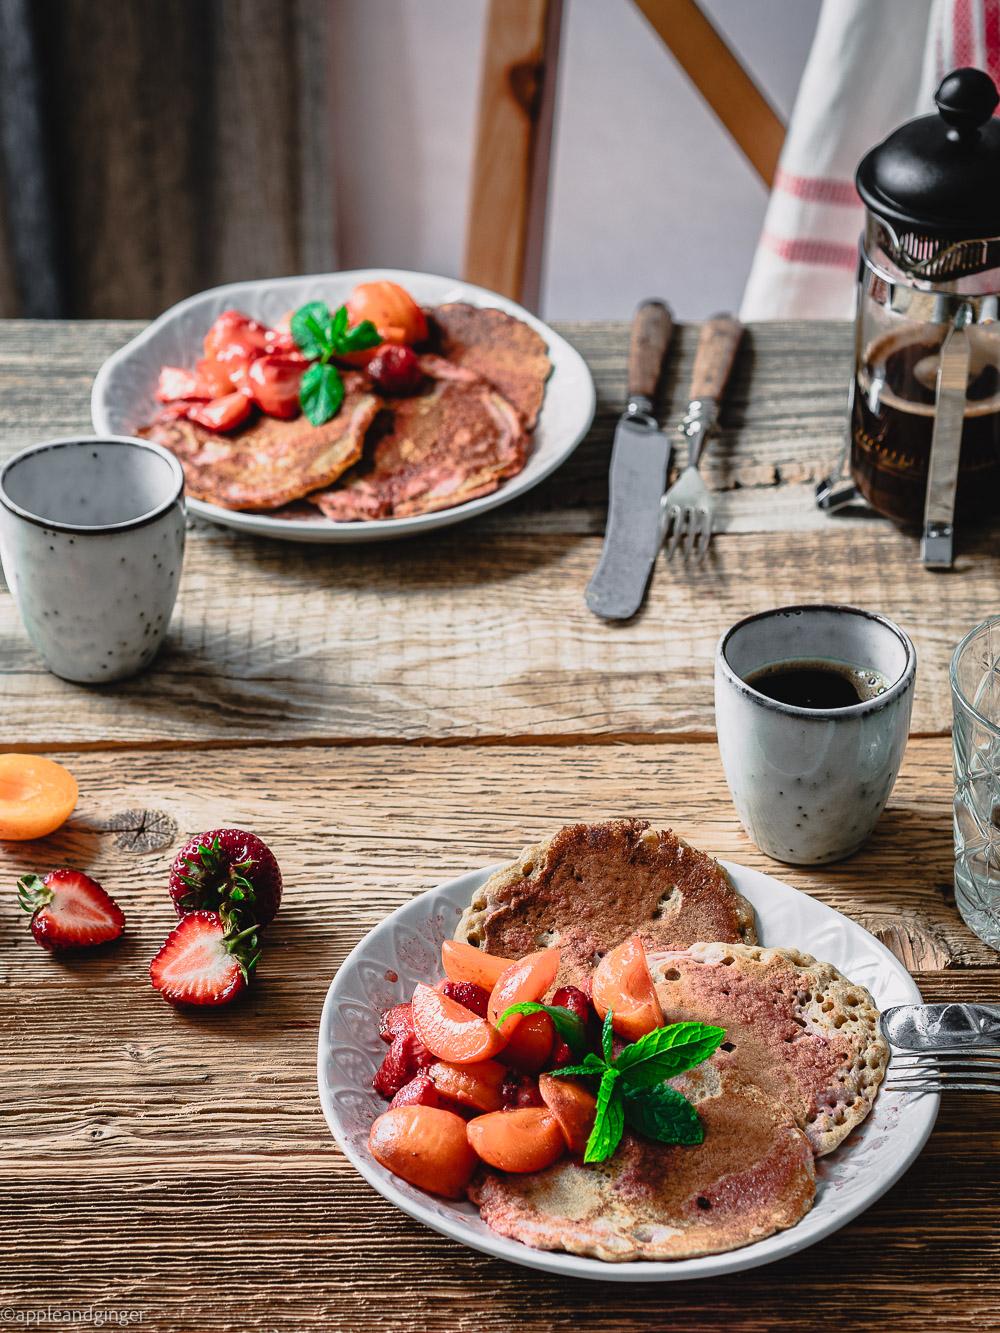 Sauerteig-Pancakes mit Kompott auf einem Frühstückstisch